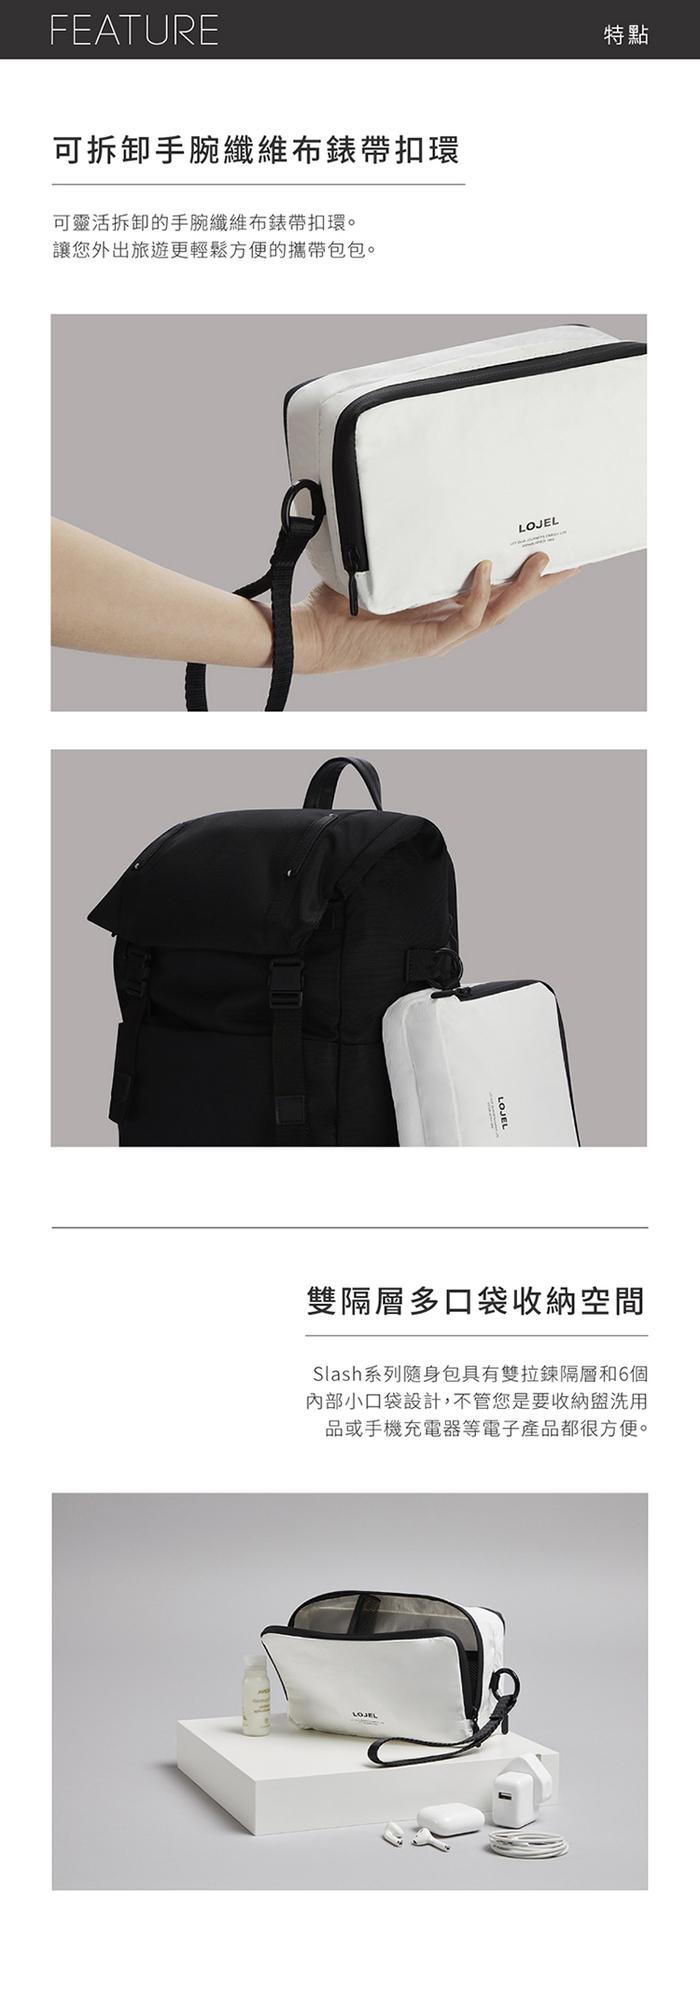 (複製)LOJEL Slash/ 衣物收納袋(6入裝) (黑色)